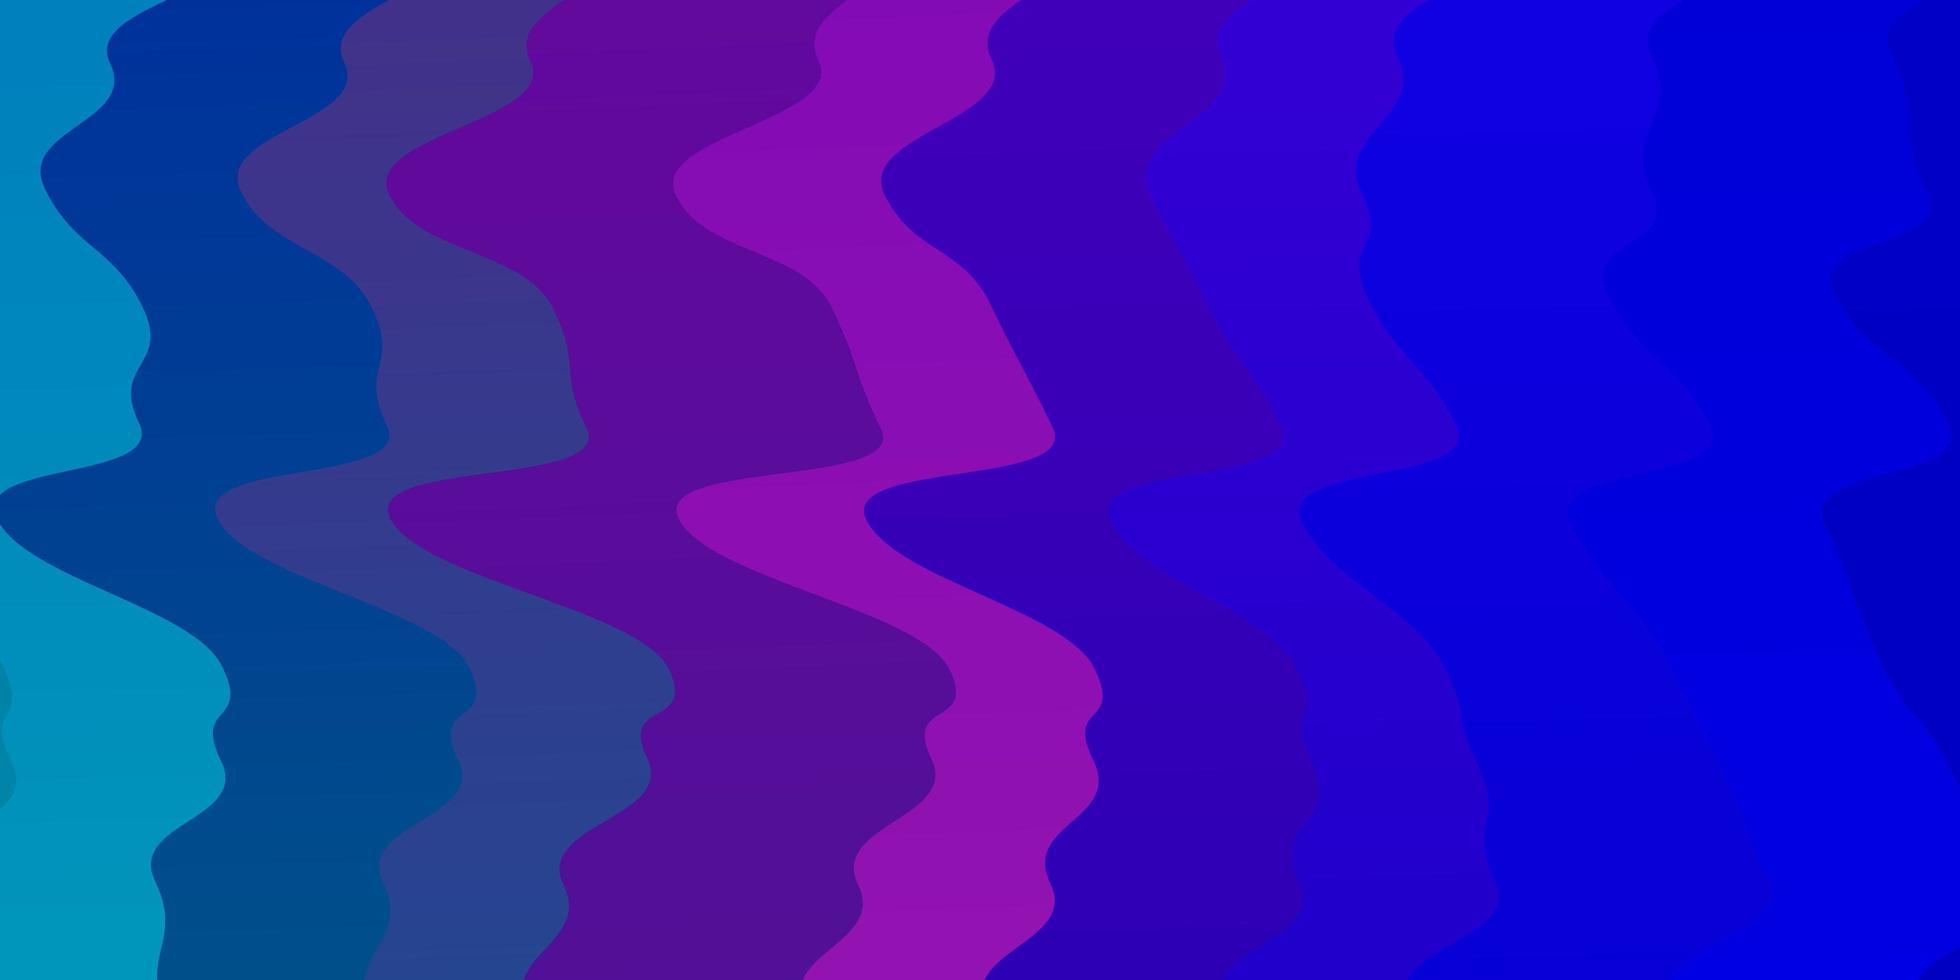 lichtblauwe, roze lay-out met rondingen. vector